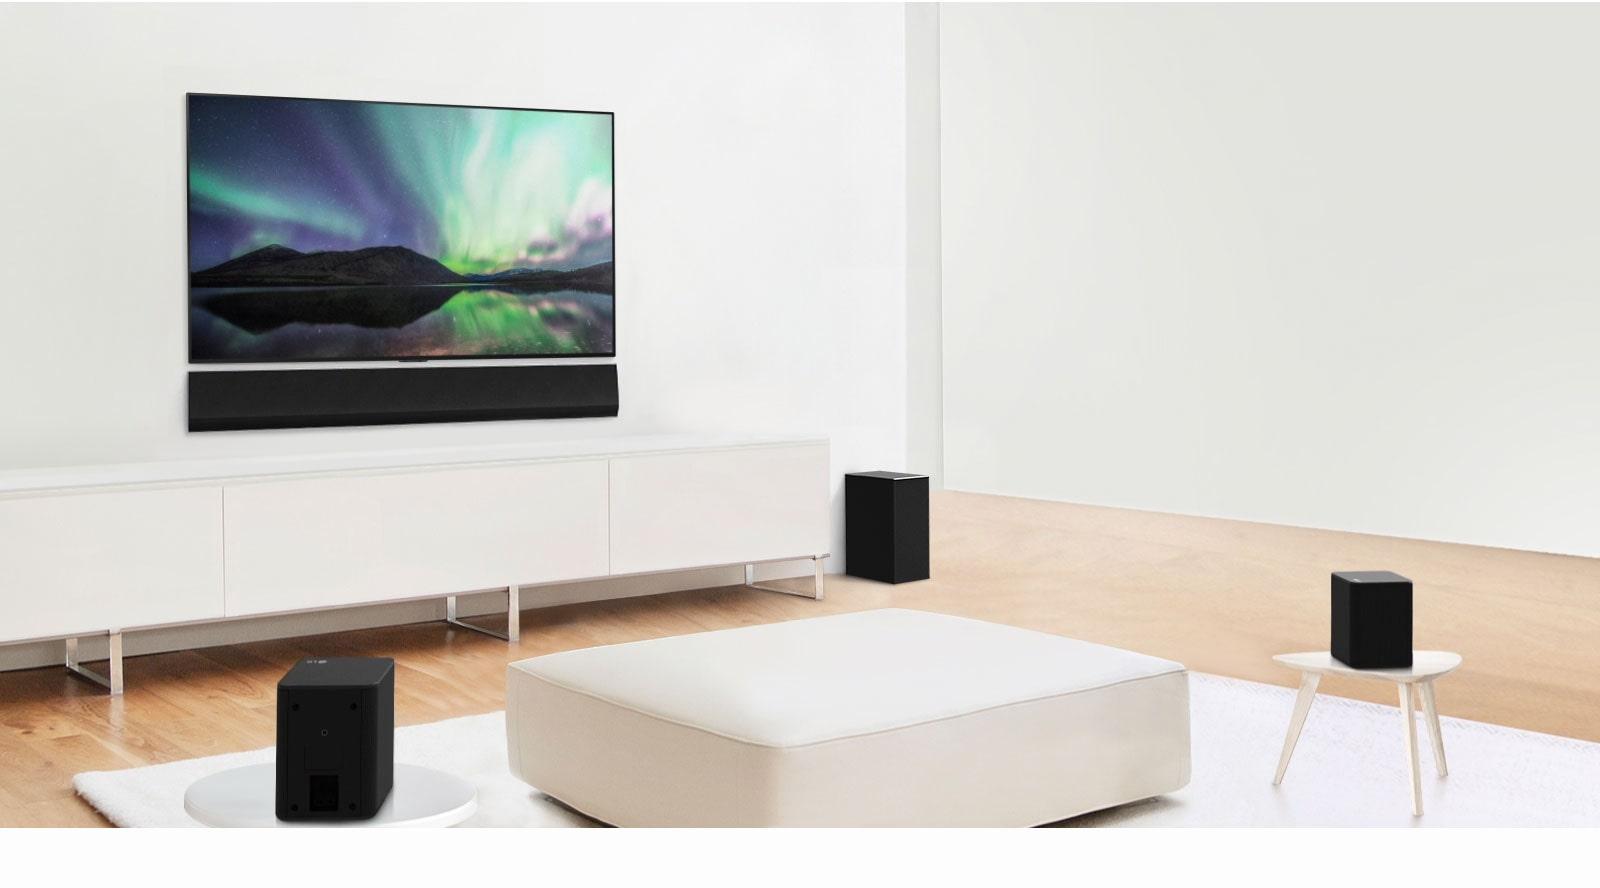 Predogled videoposnetka, ki prikazuje LG Soundbar v beli dnevni sobi s 3,1-kanalno nastavitvijo.